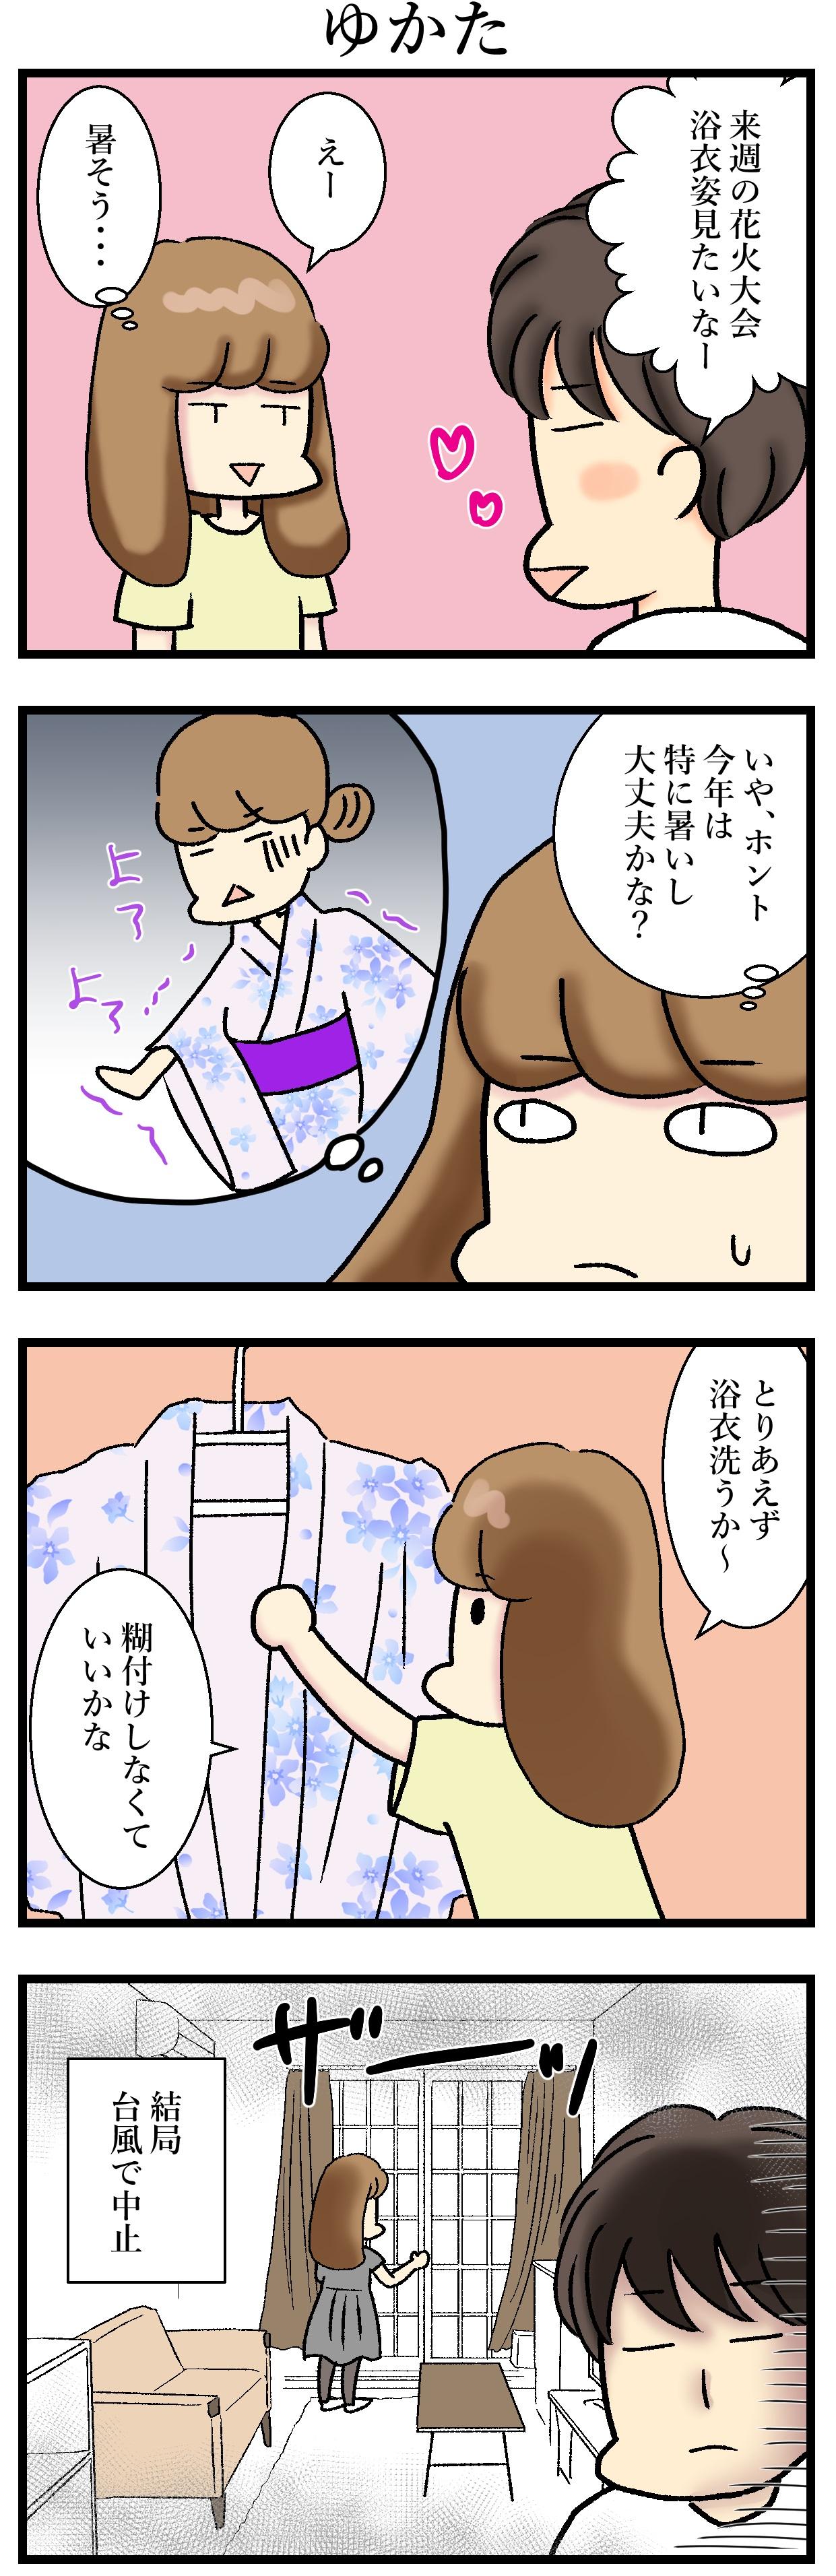 【エッセイ漫画】アラサー主婦くま子のふがいない日常(43)